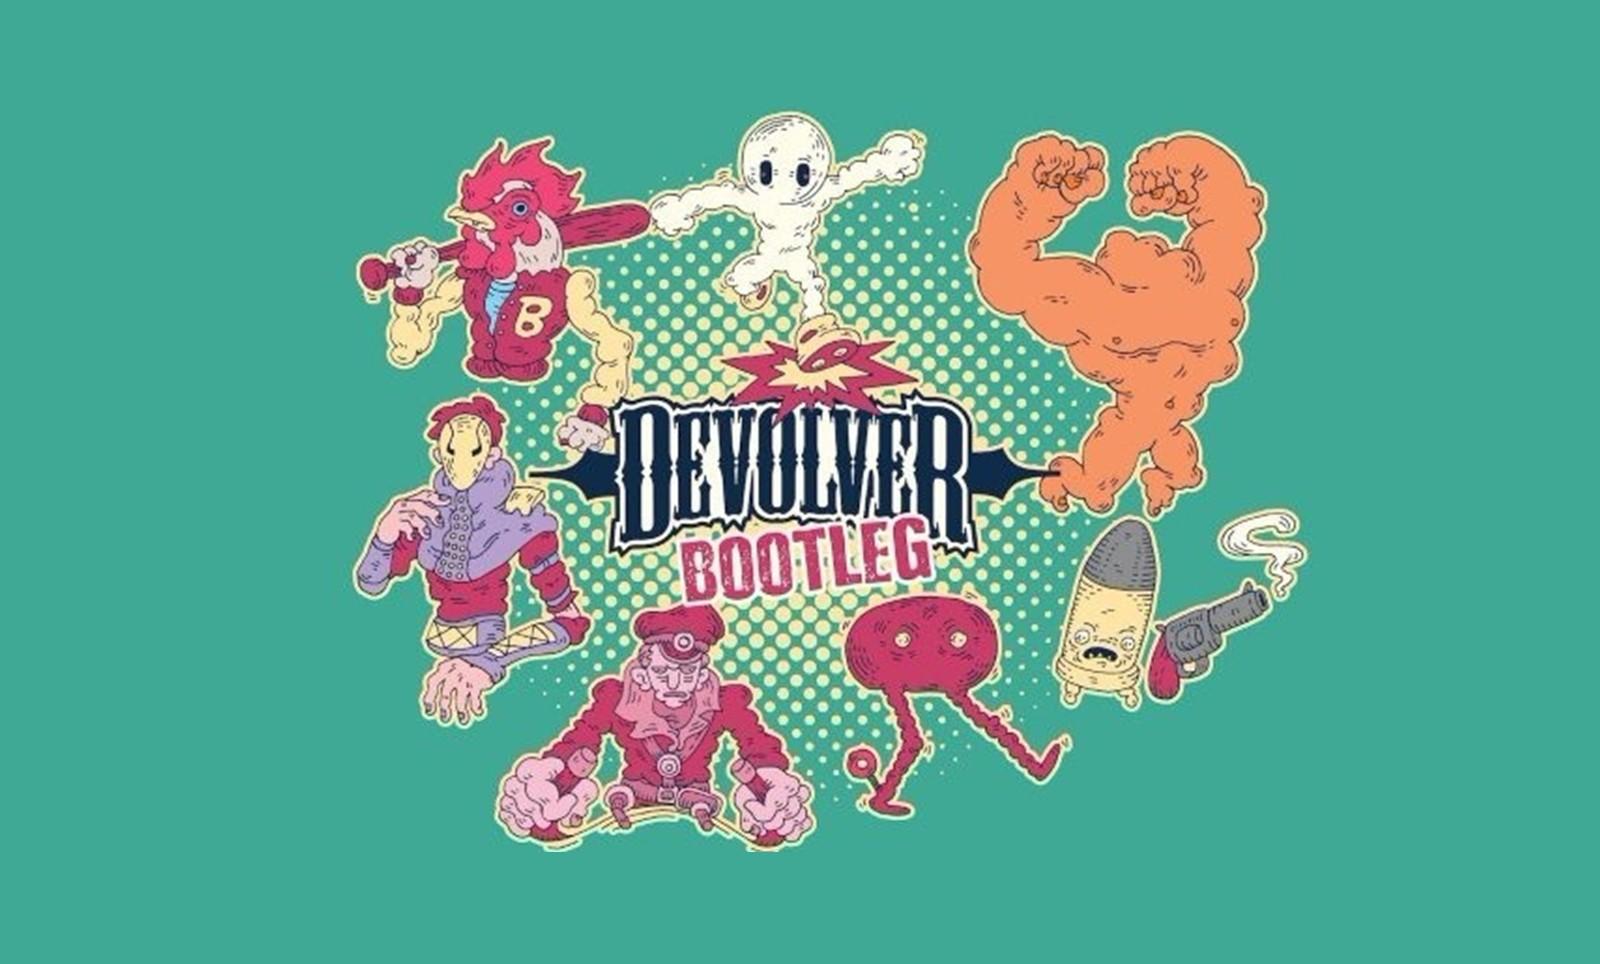 Devolver 山寨合集